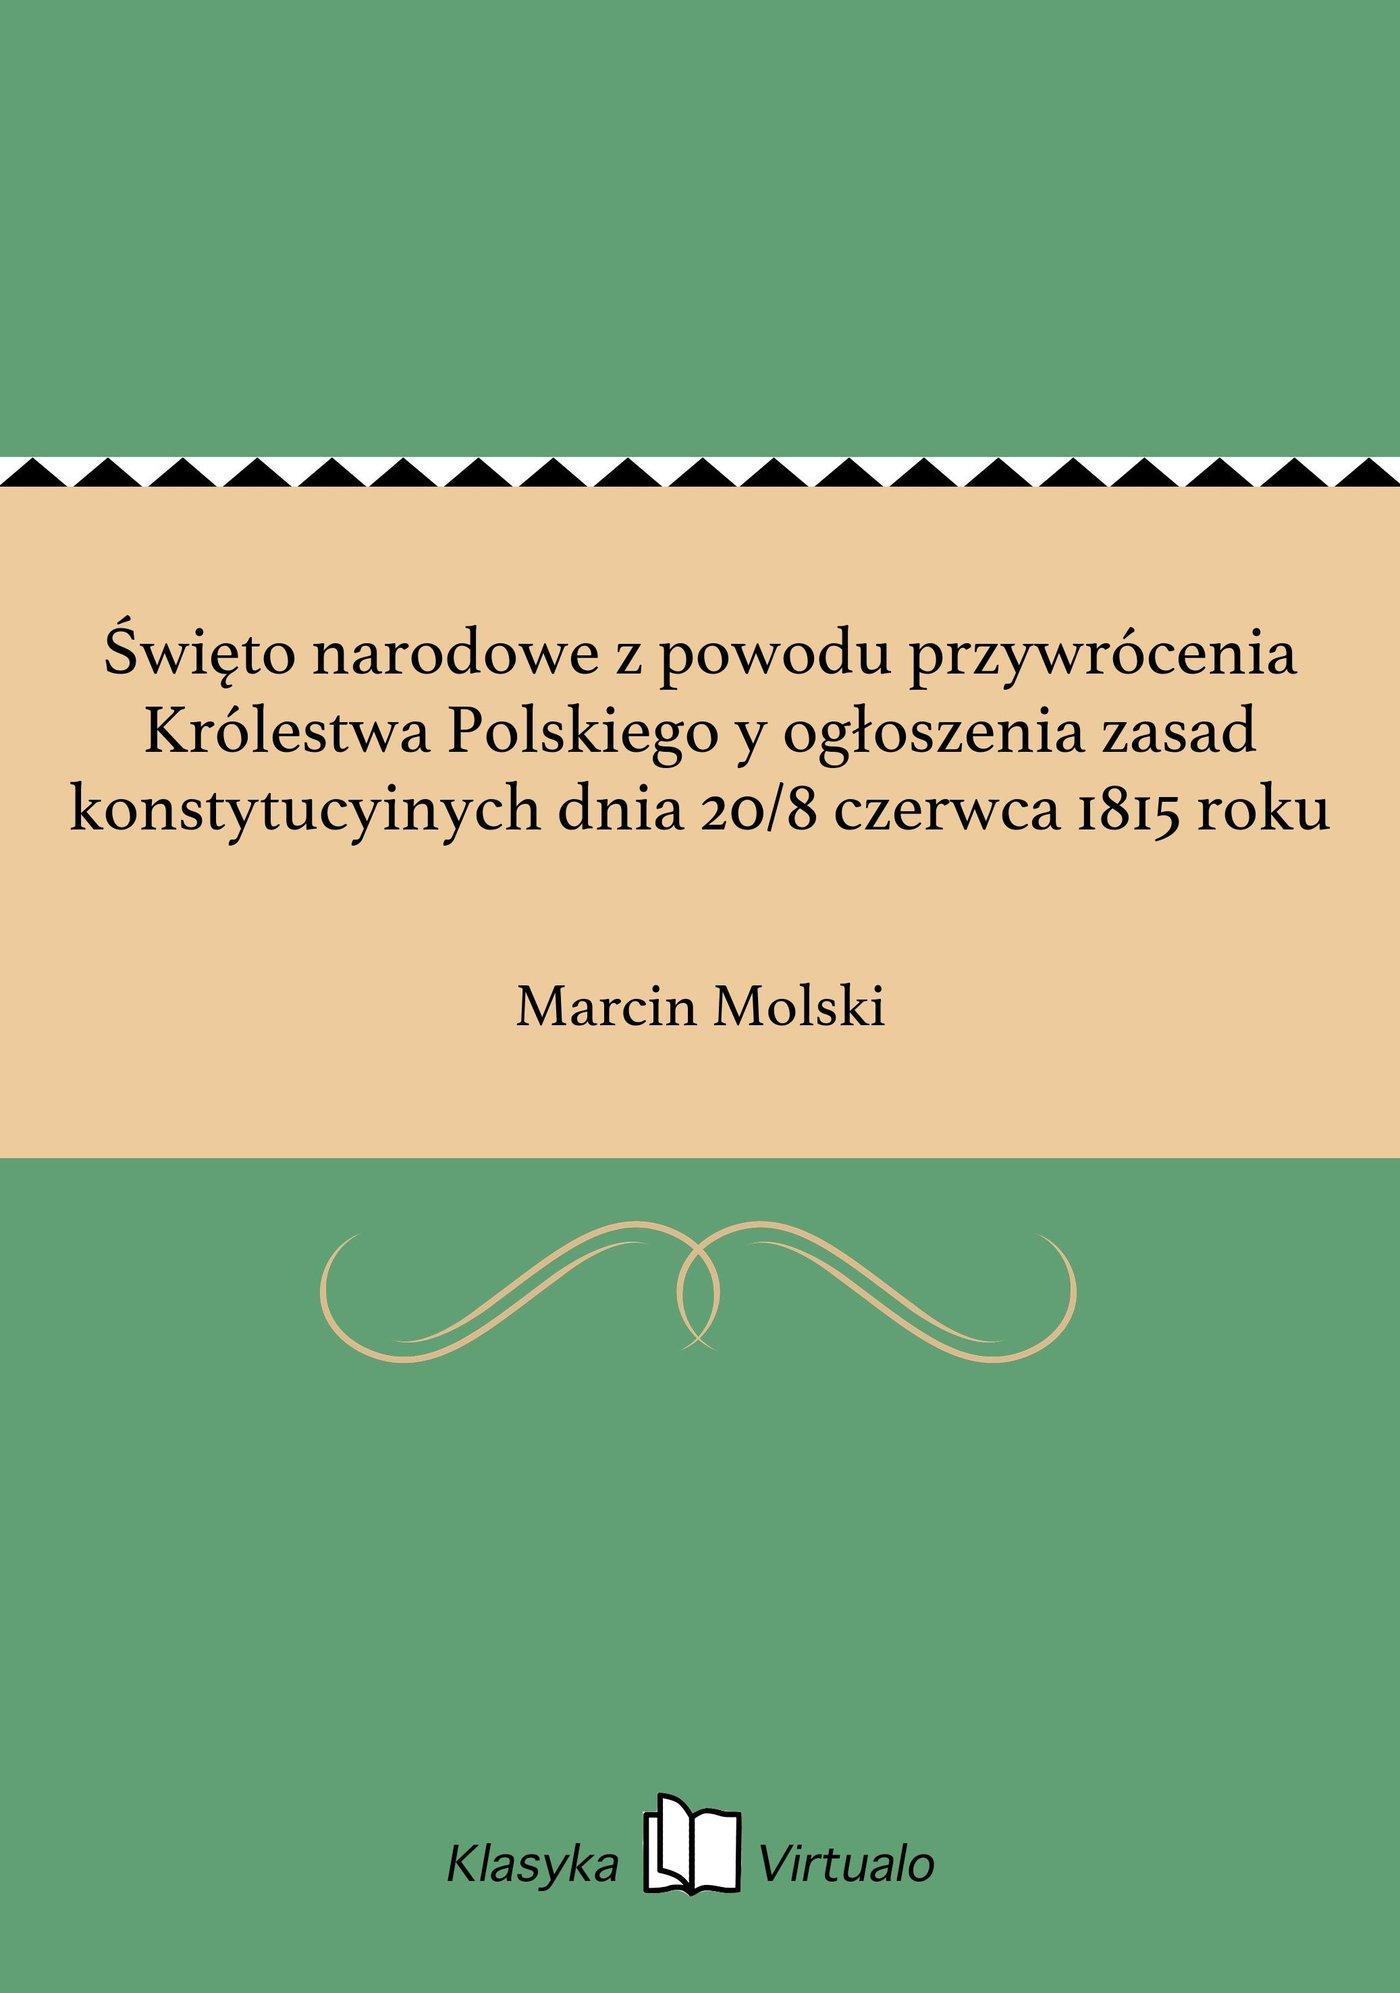 Święto narodowe z powodu przywrócenia Królestwa Polskiego y ogłoszenia zasad konstytucyinych dnia 20/8 czerwca 1815 roku - Ebook (Książka EPUB) do pobrania w formacie EPUB